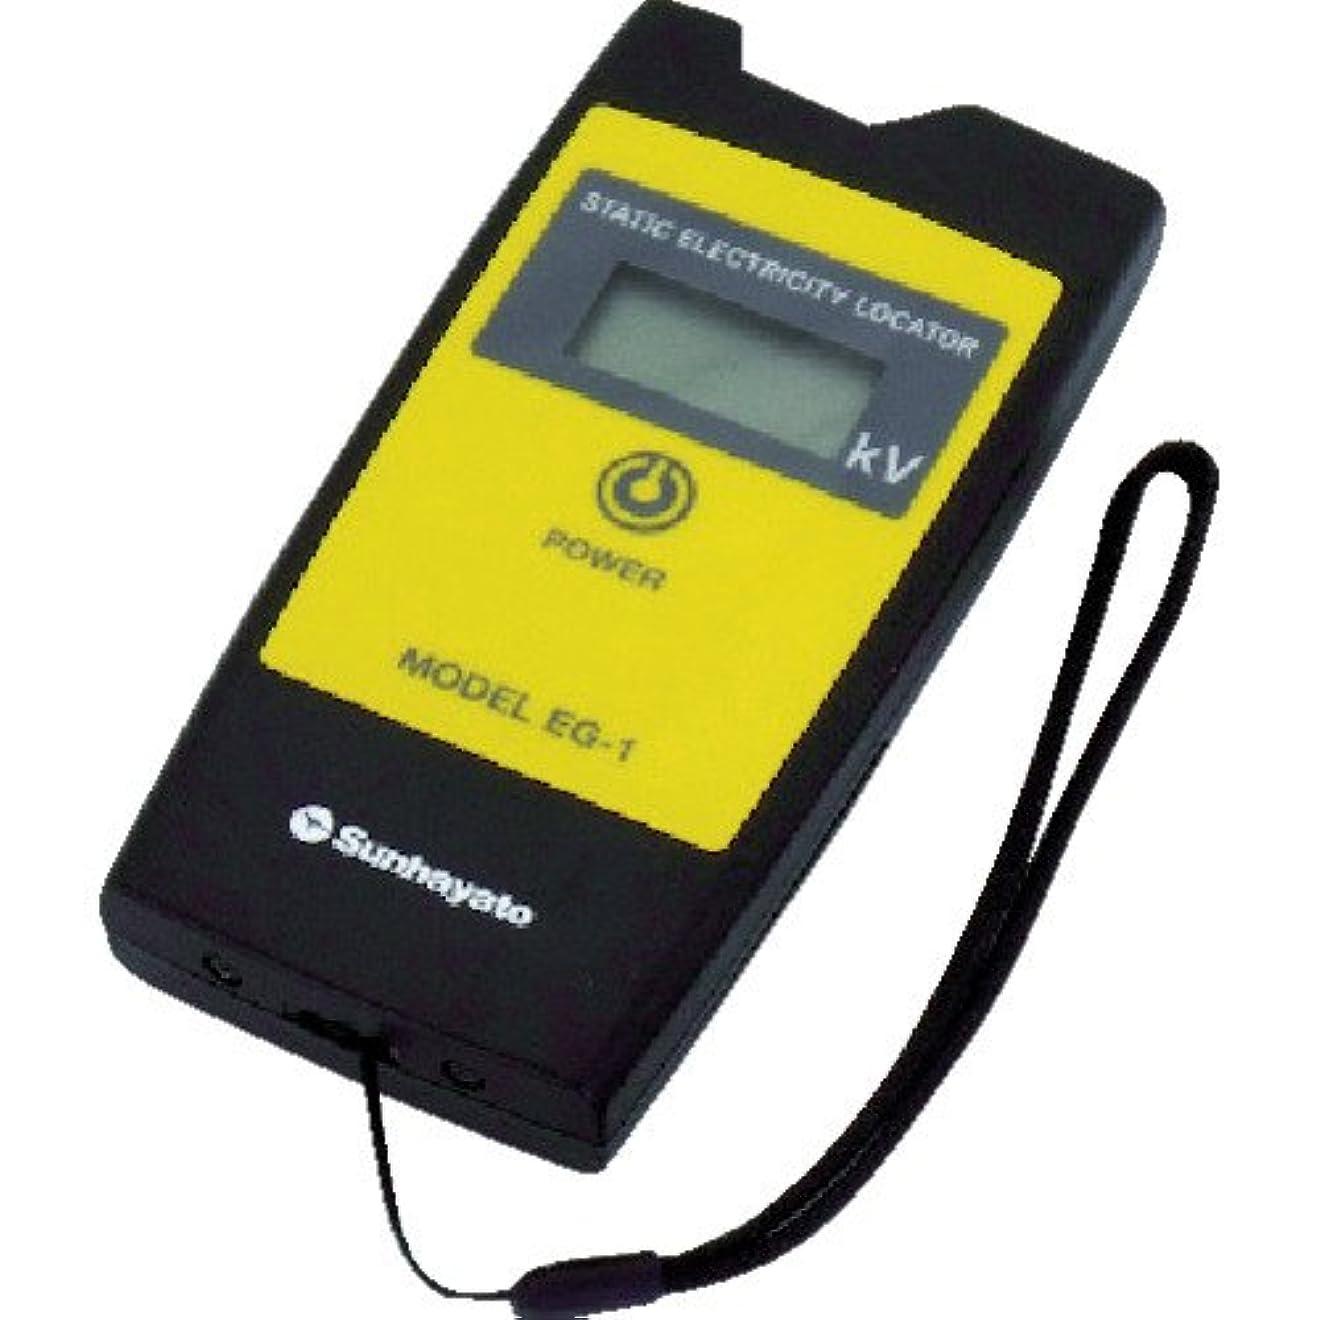 契約買収買収サンハヤト デジタル静電気探知機 EG1